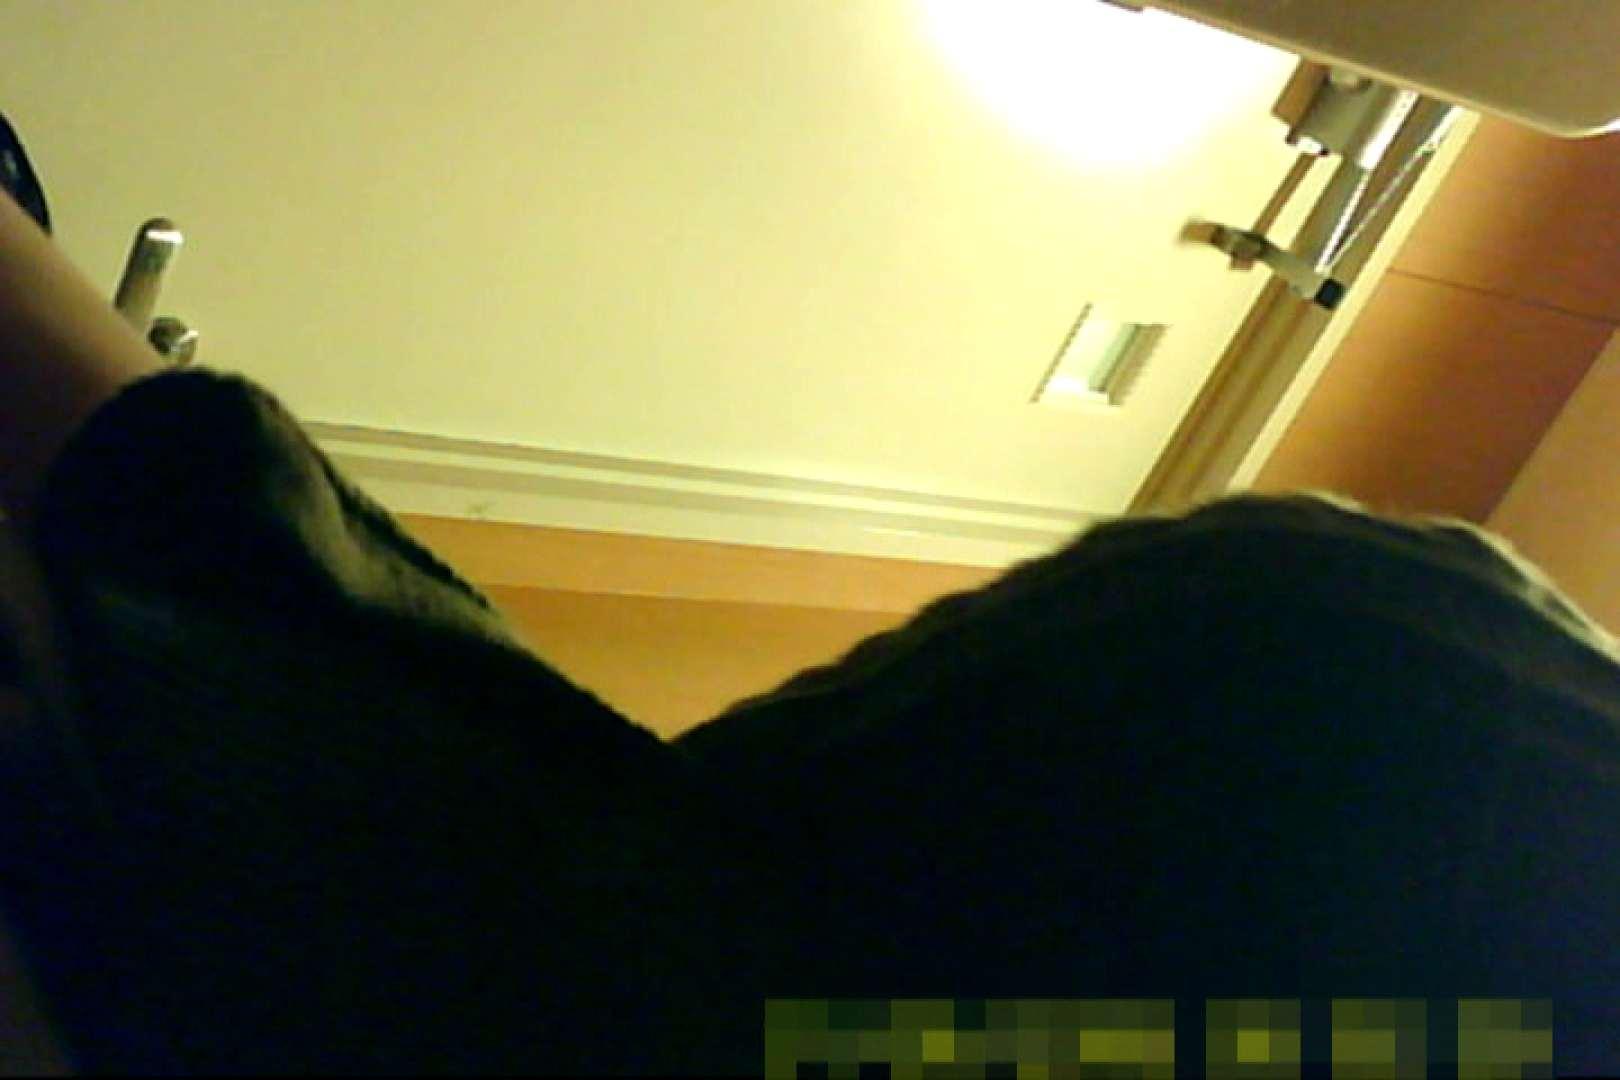 魅惑の化粧室~禁断のプライベート空間~21 プライベート 盗撮動画紹介 94連発 67